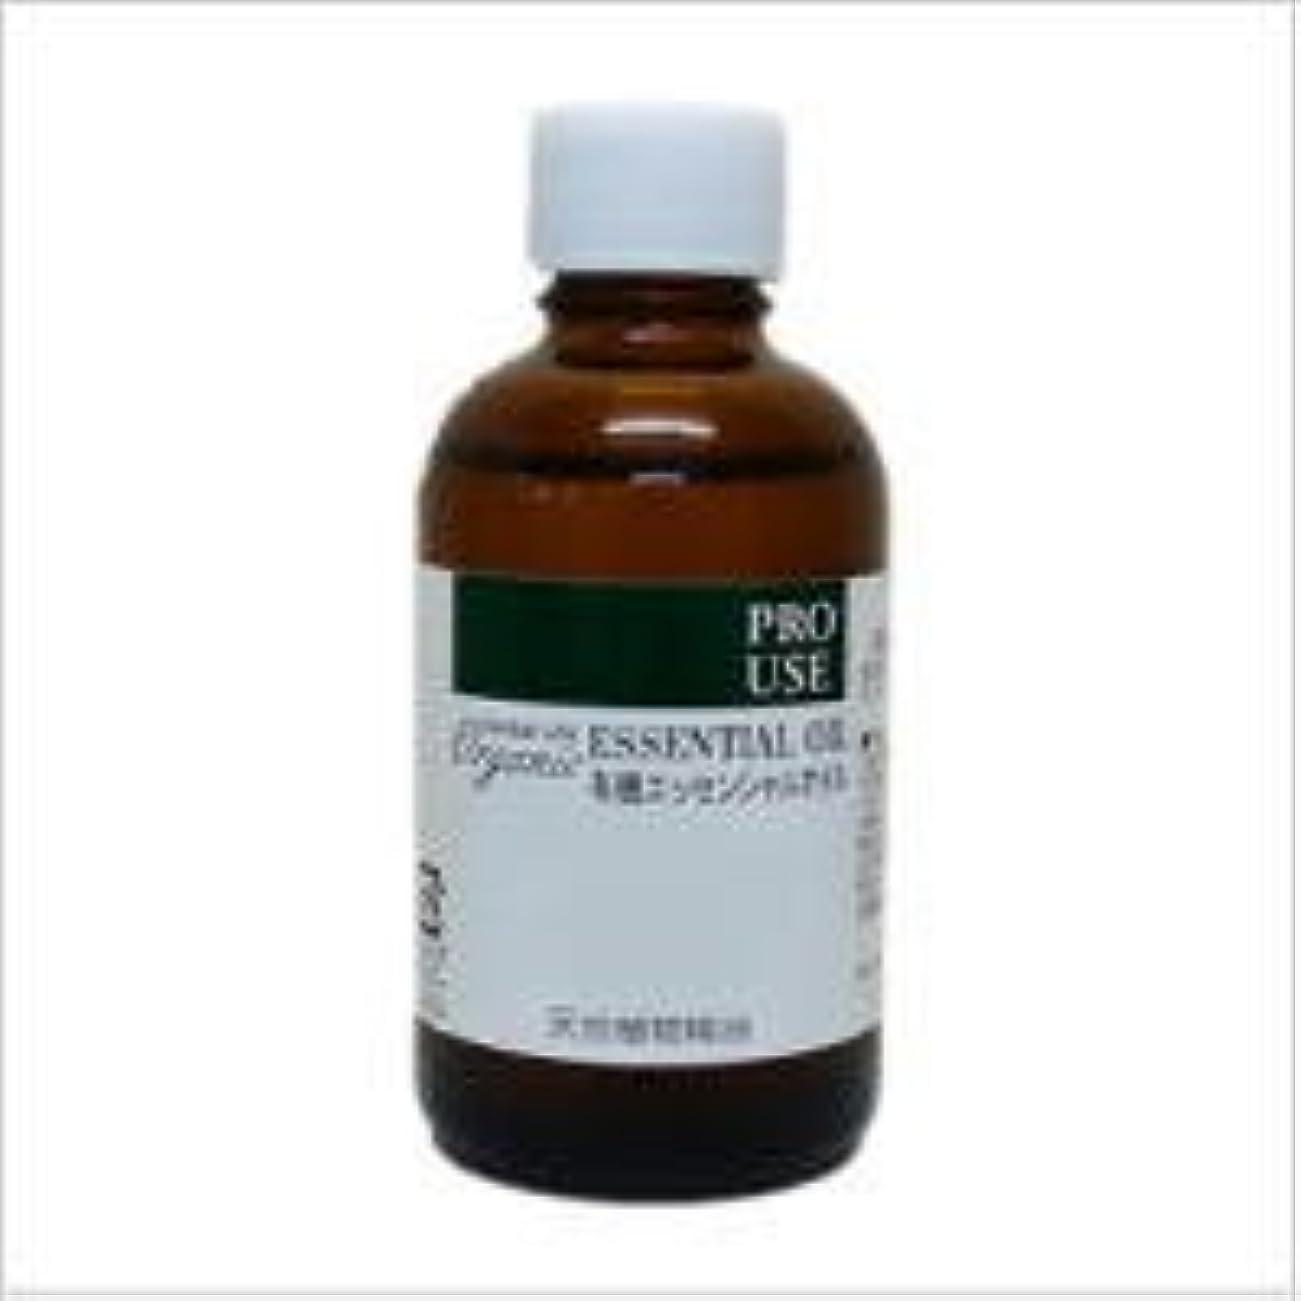 ペレット即席汚染生活の木 有機ベルガモット(フロクマリンフリー) 50ml エッセンシャルオイル/精油/オーガニック